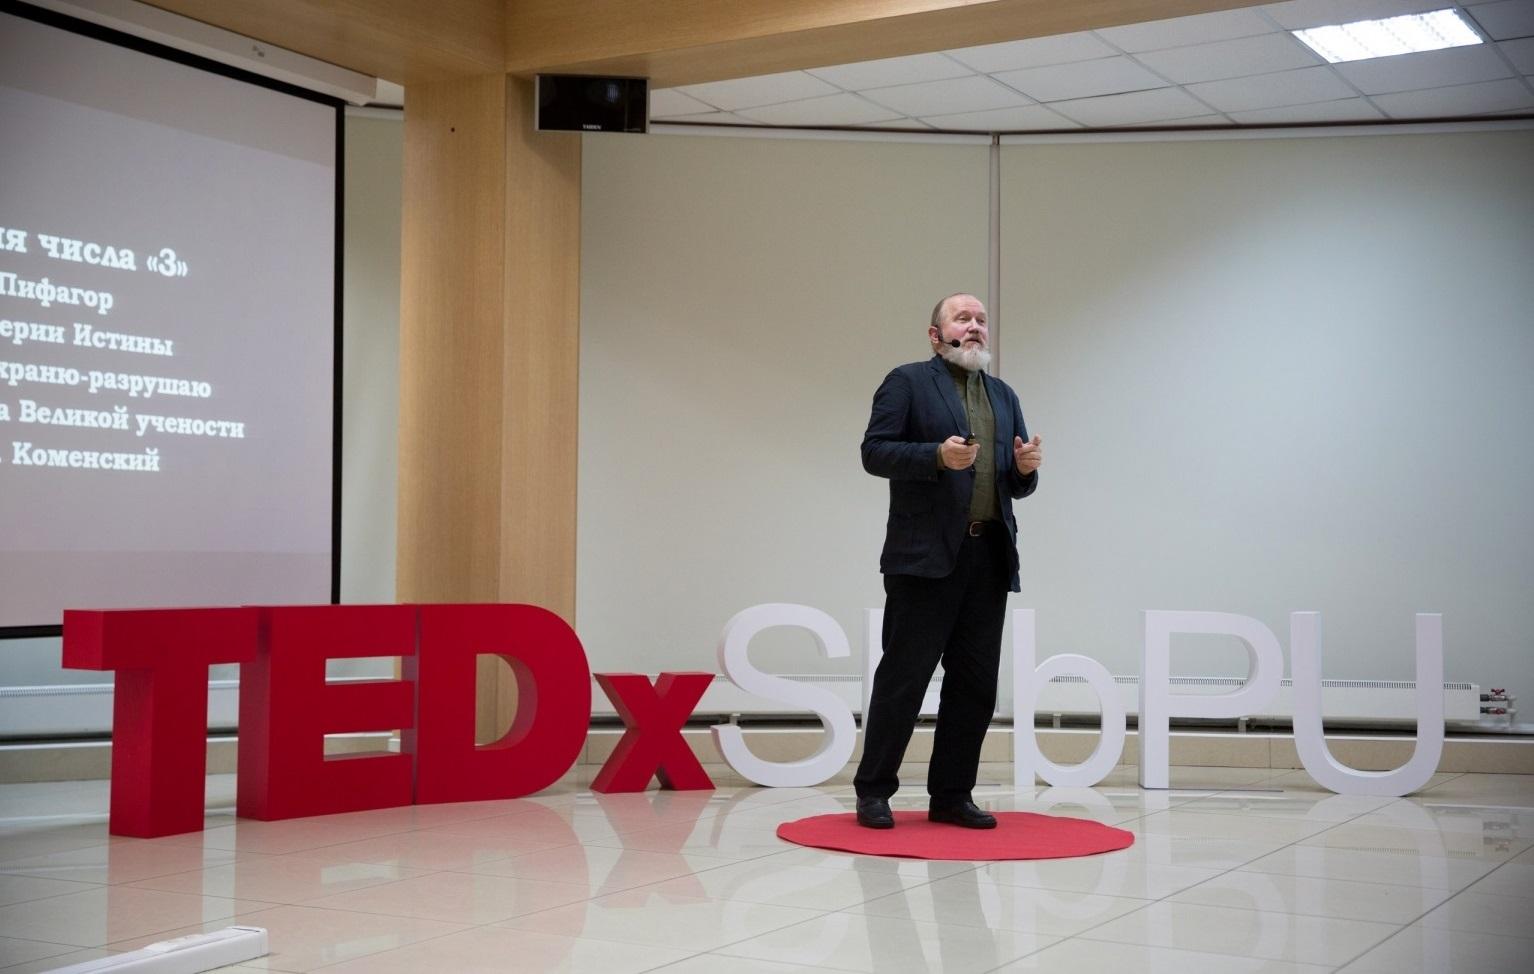 Сотрудник ВШИППиПЛ Захаров К.П. принял участие в конференции TEDxSPbPU